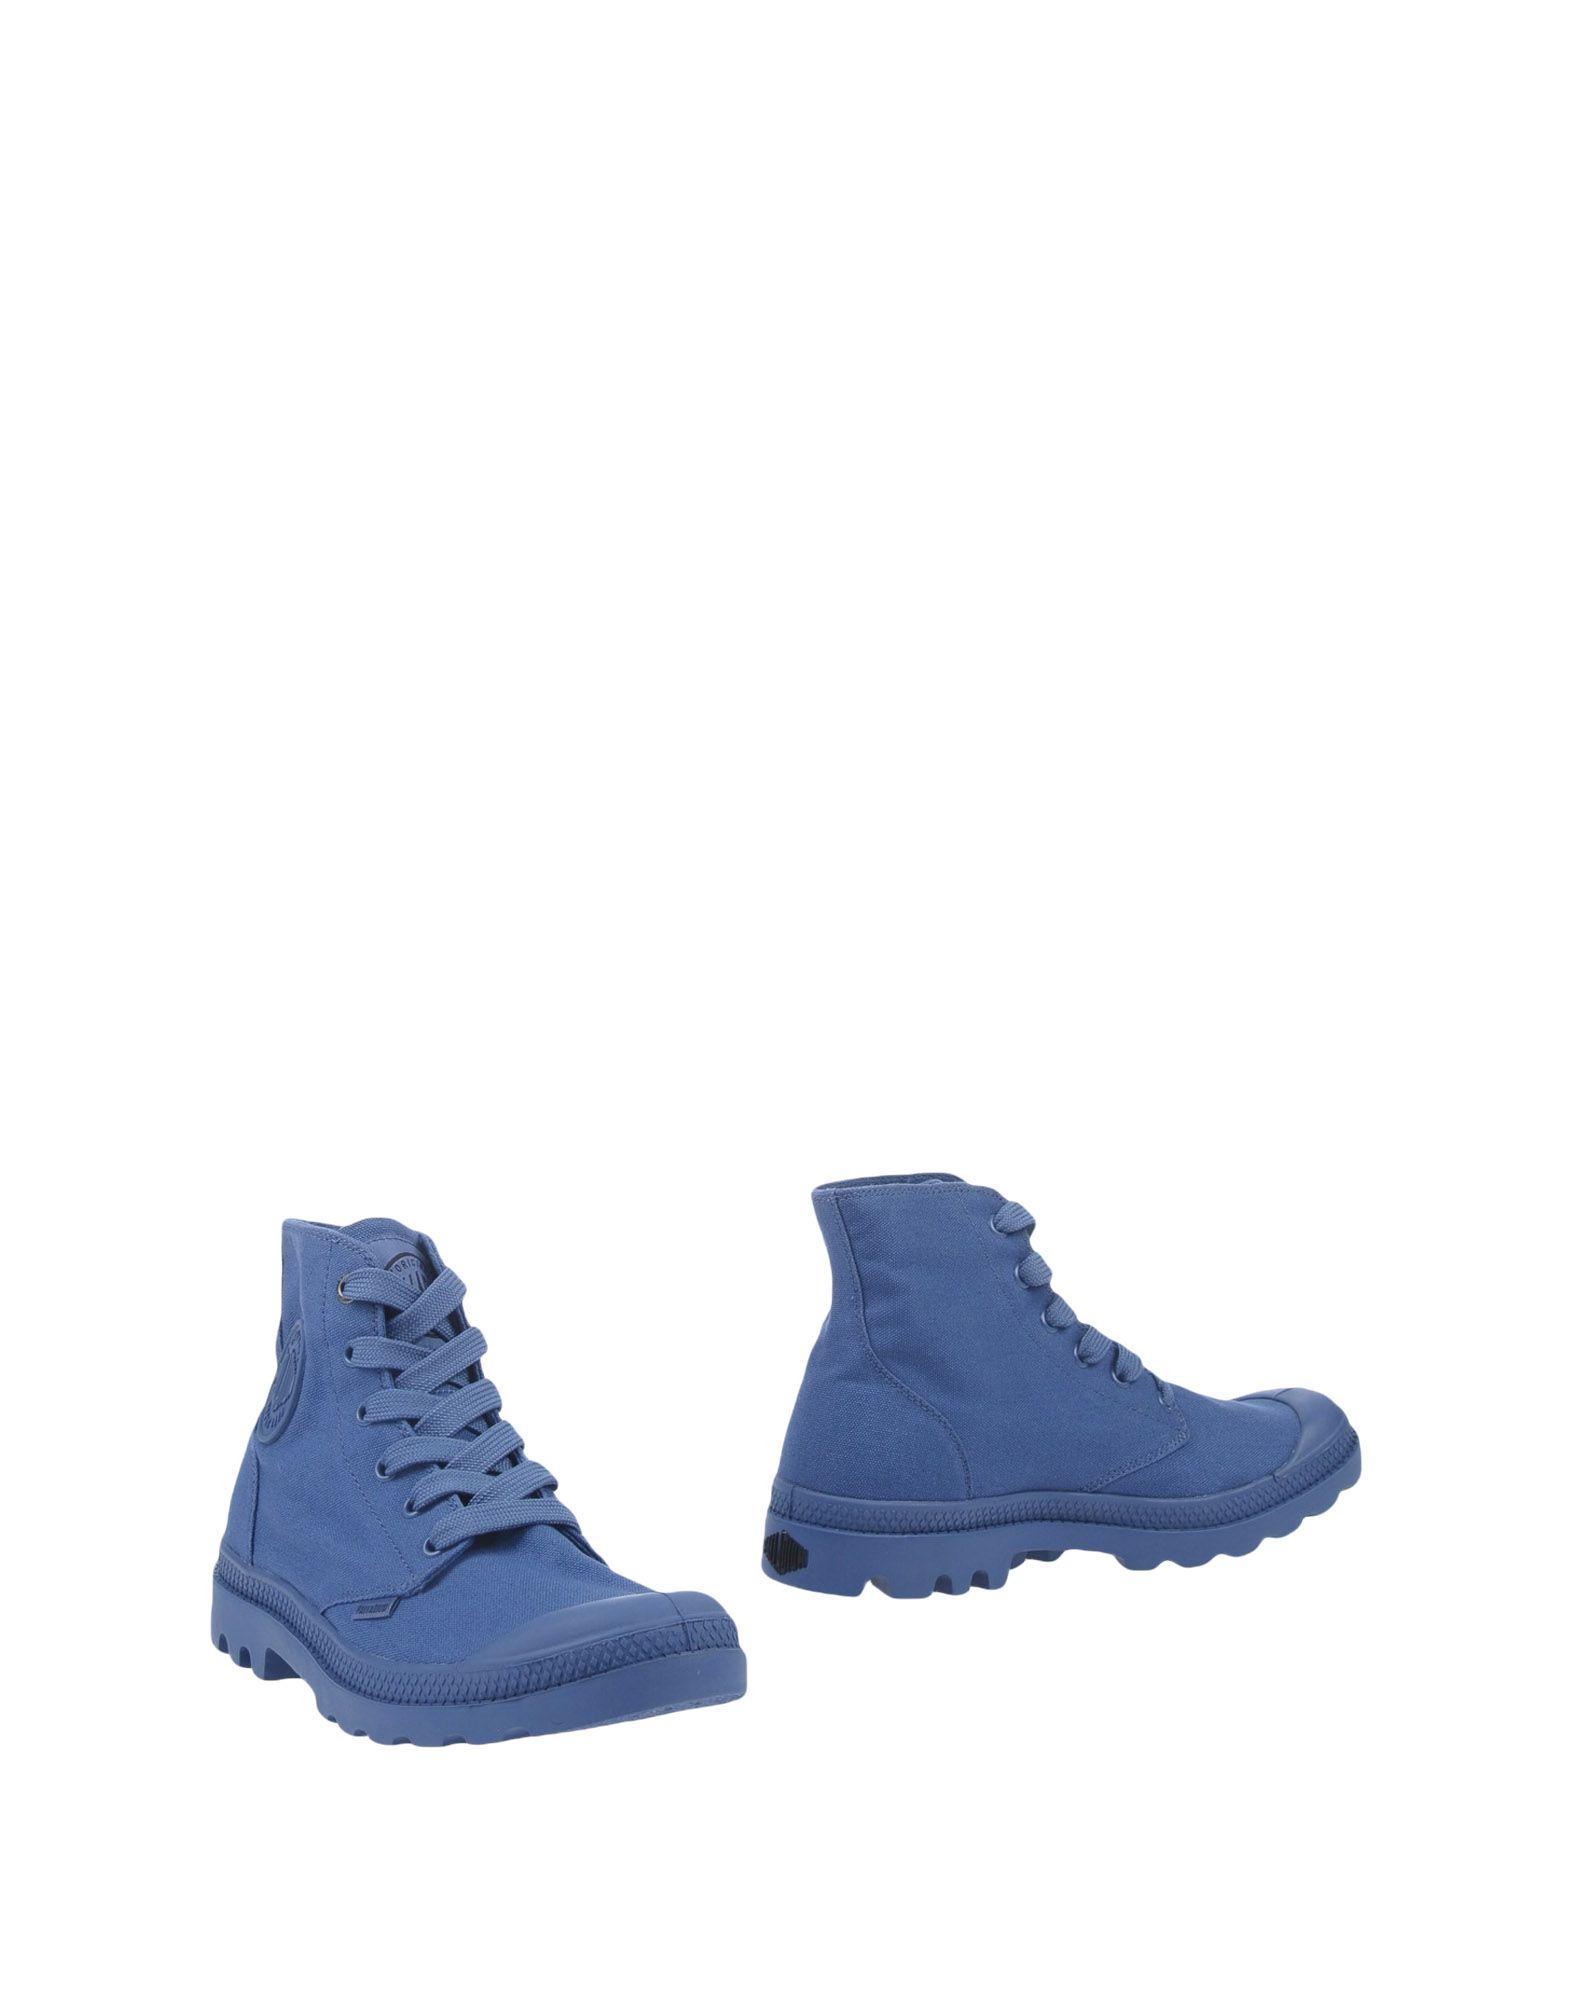 Rabatt Herren echte Schuhe Palladium Stiefelette Herren Rabatt  11312661PV 9fcb54